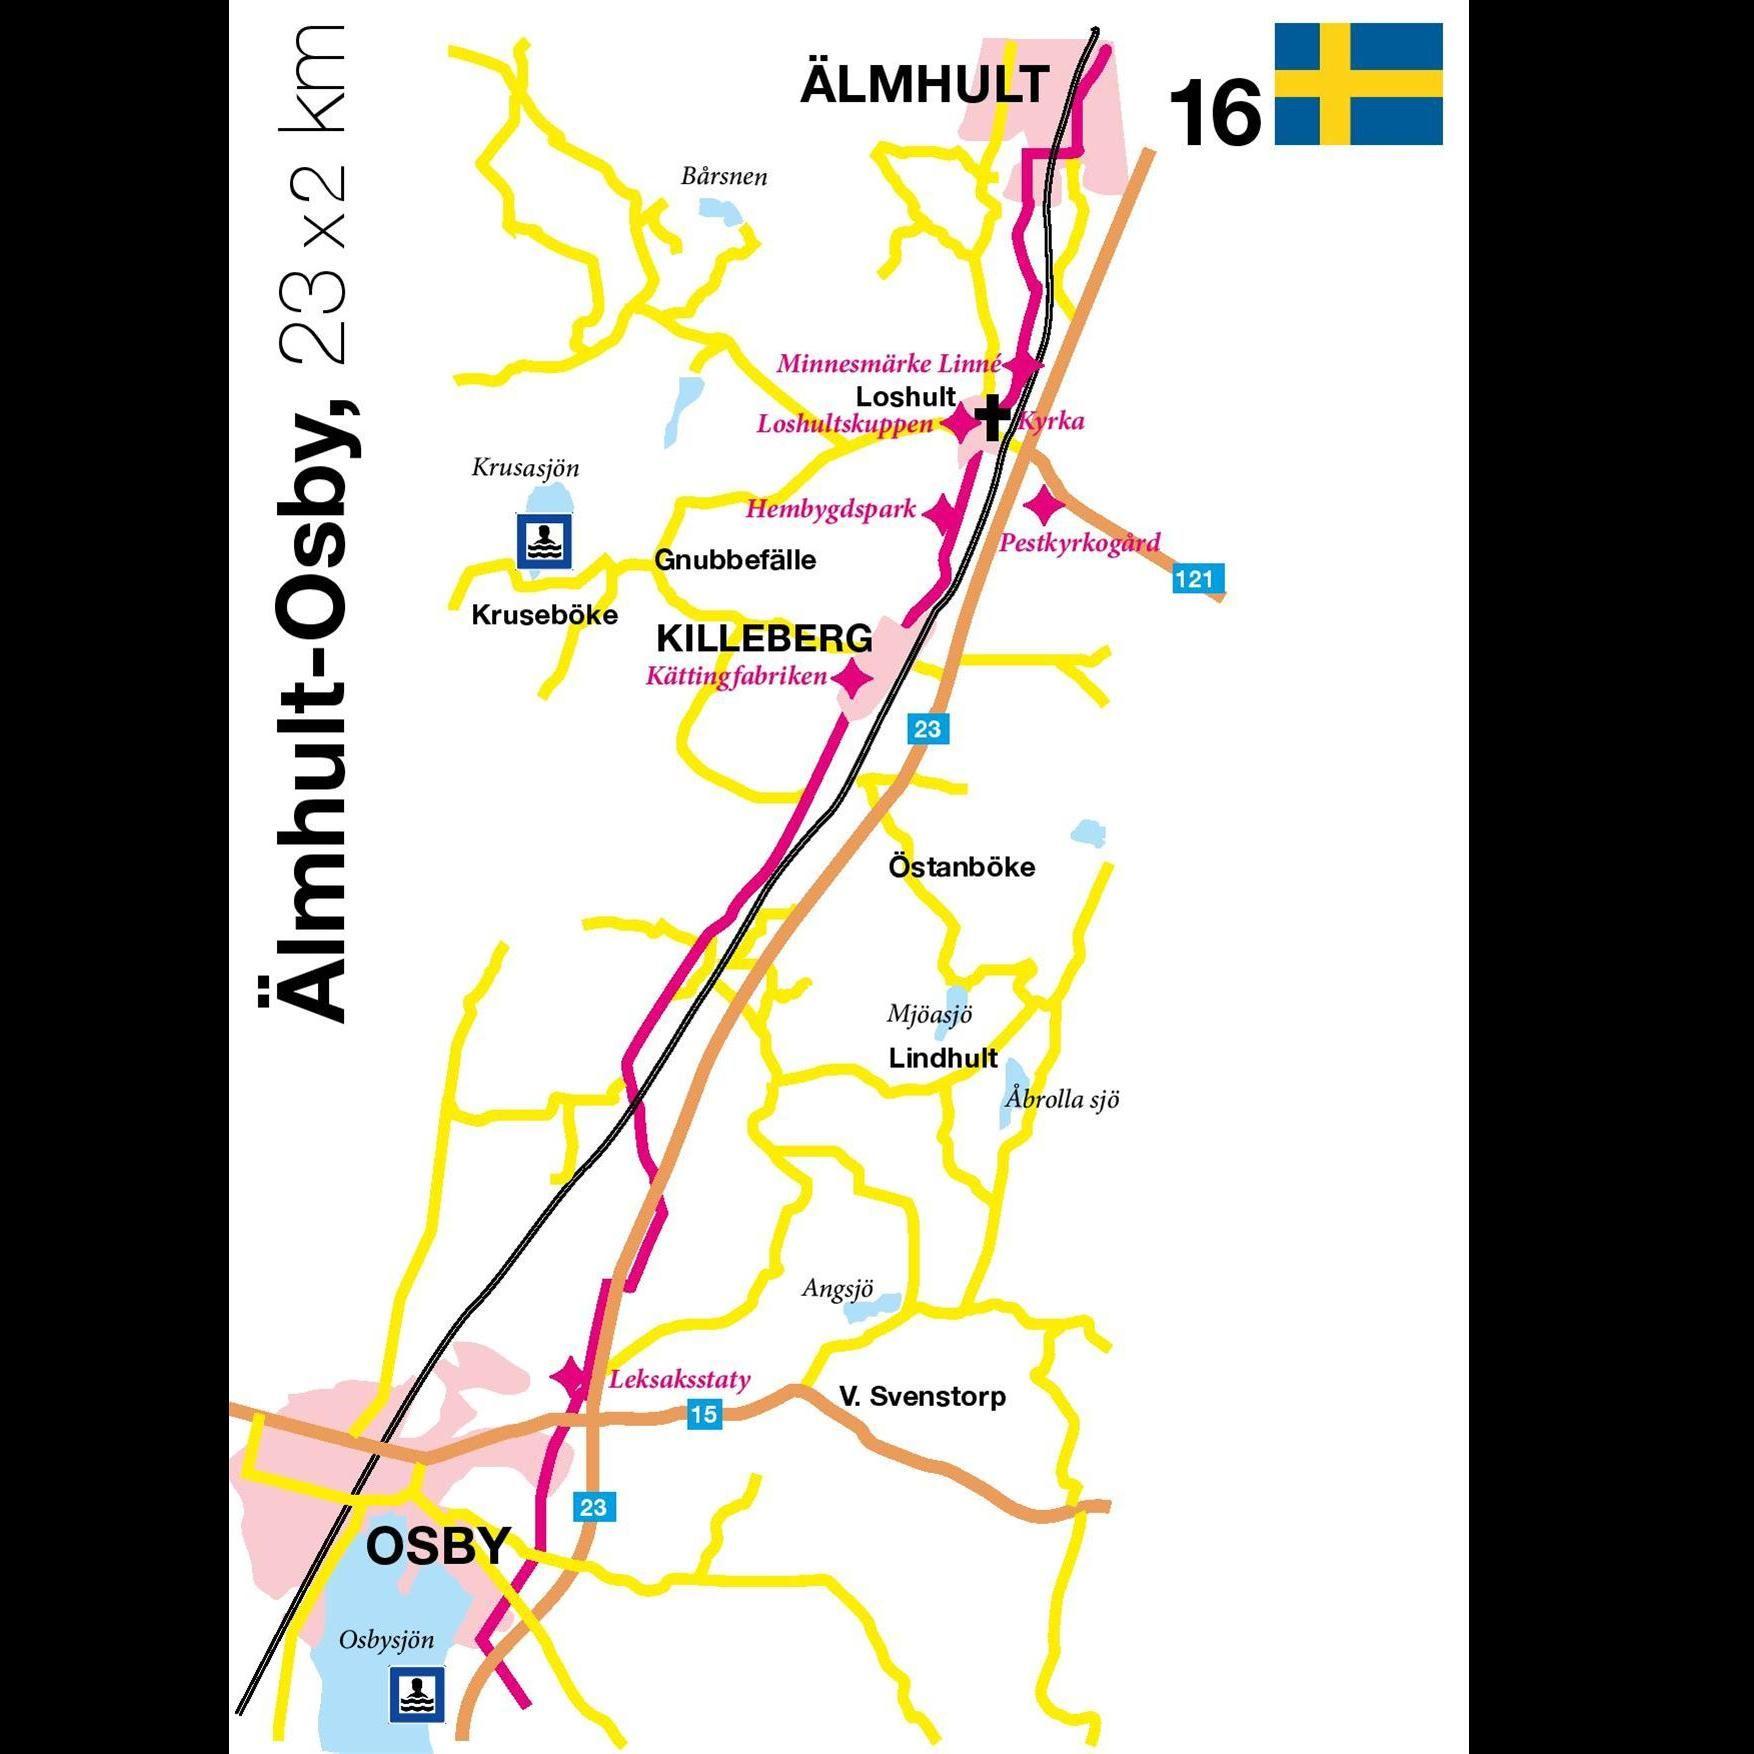 Cykeltur - Osbyleden - 23x2 km